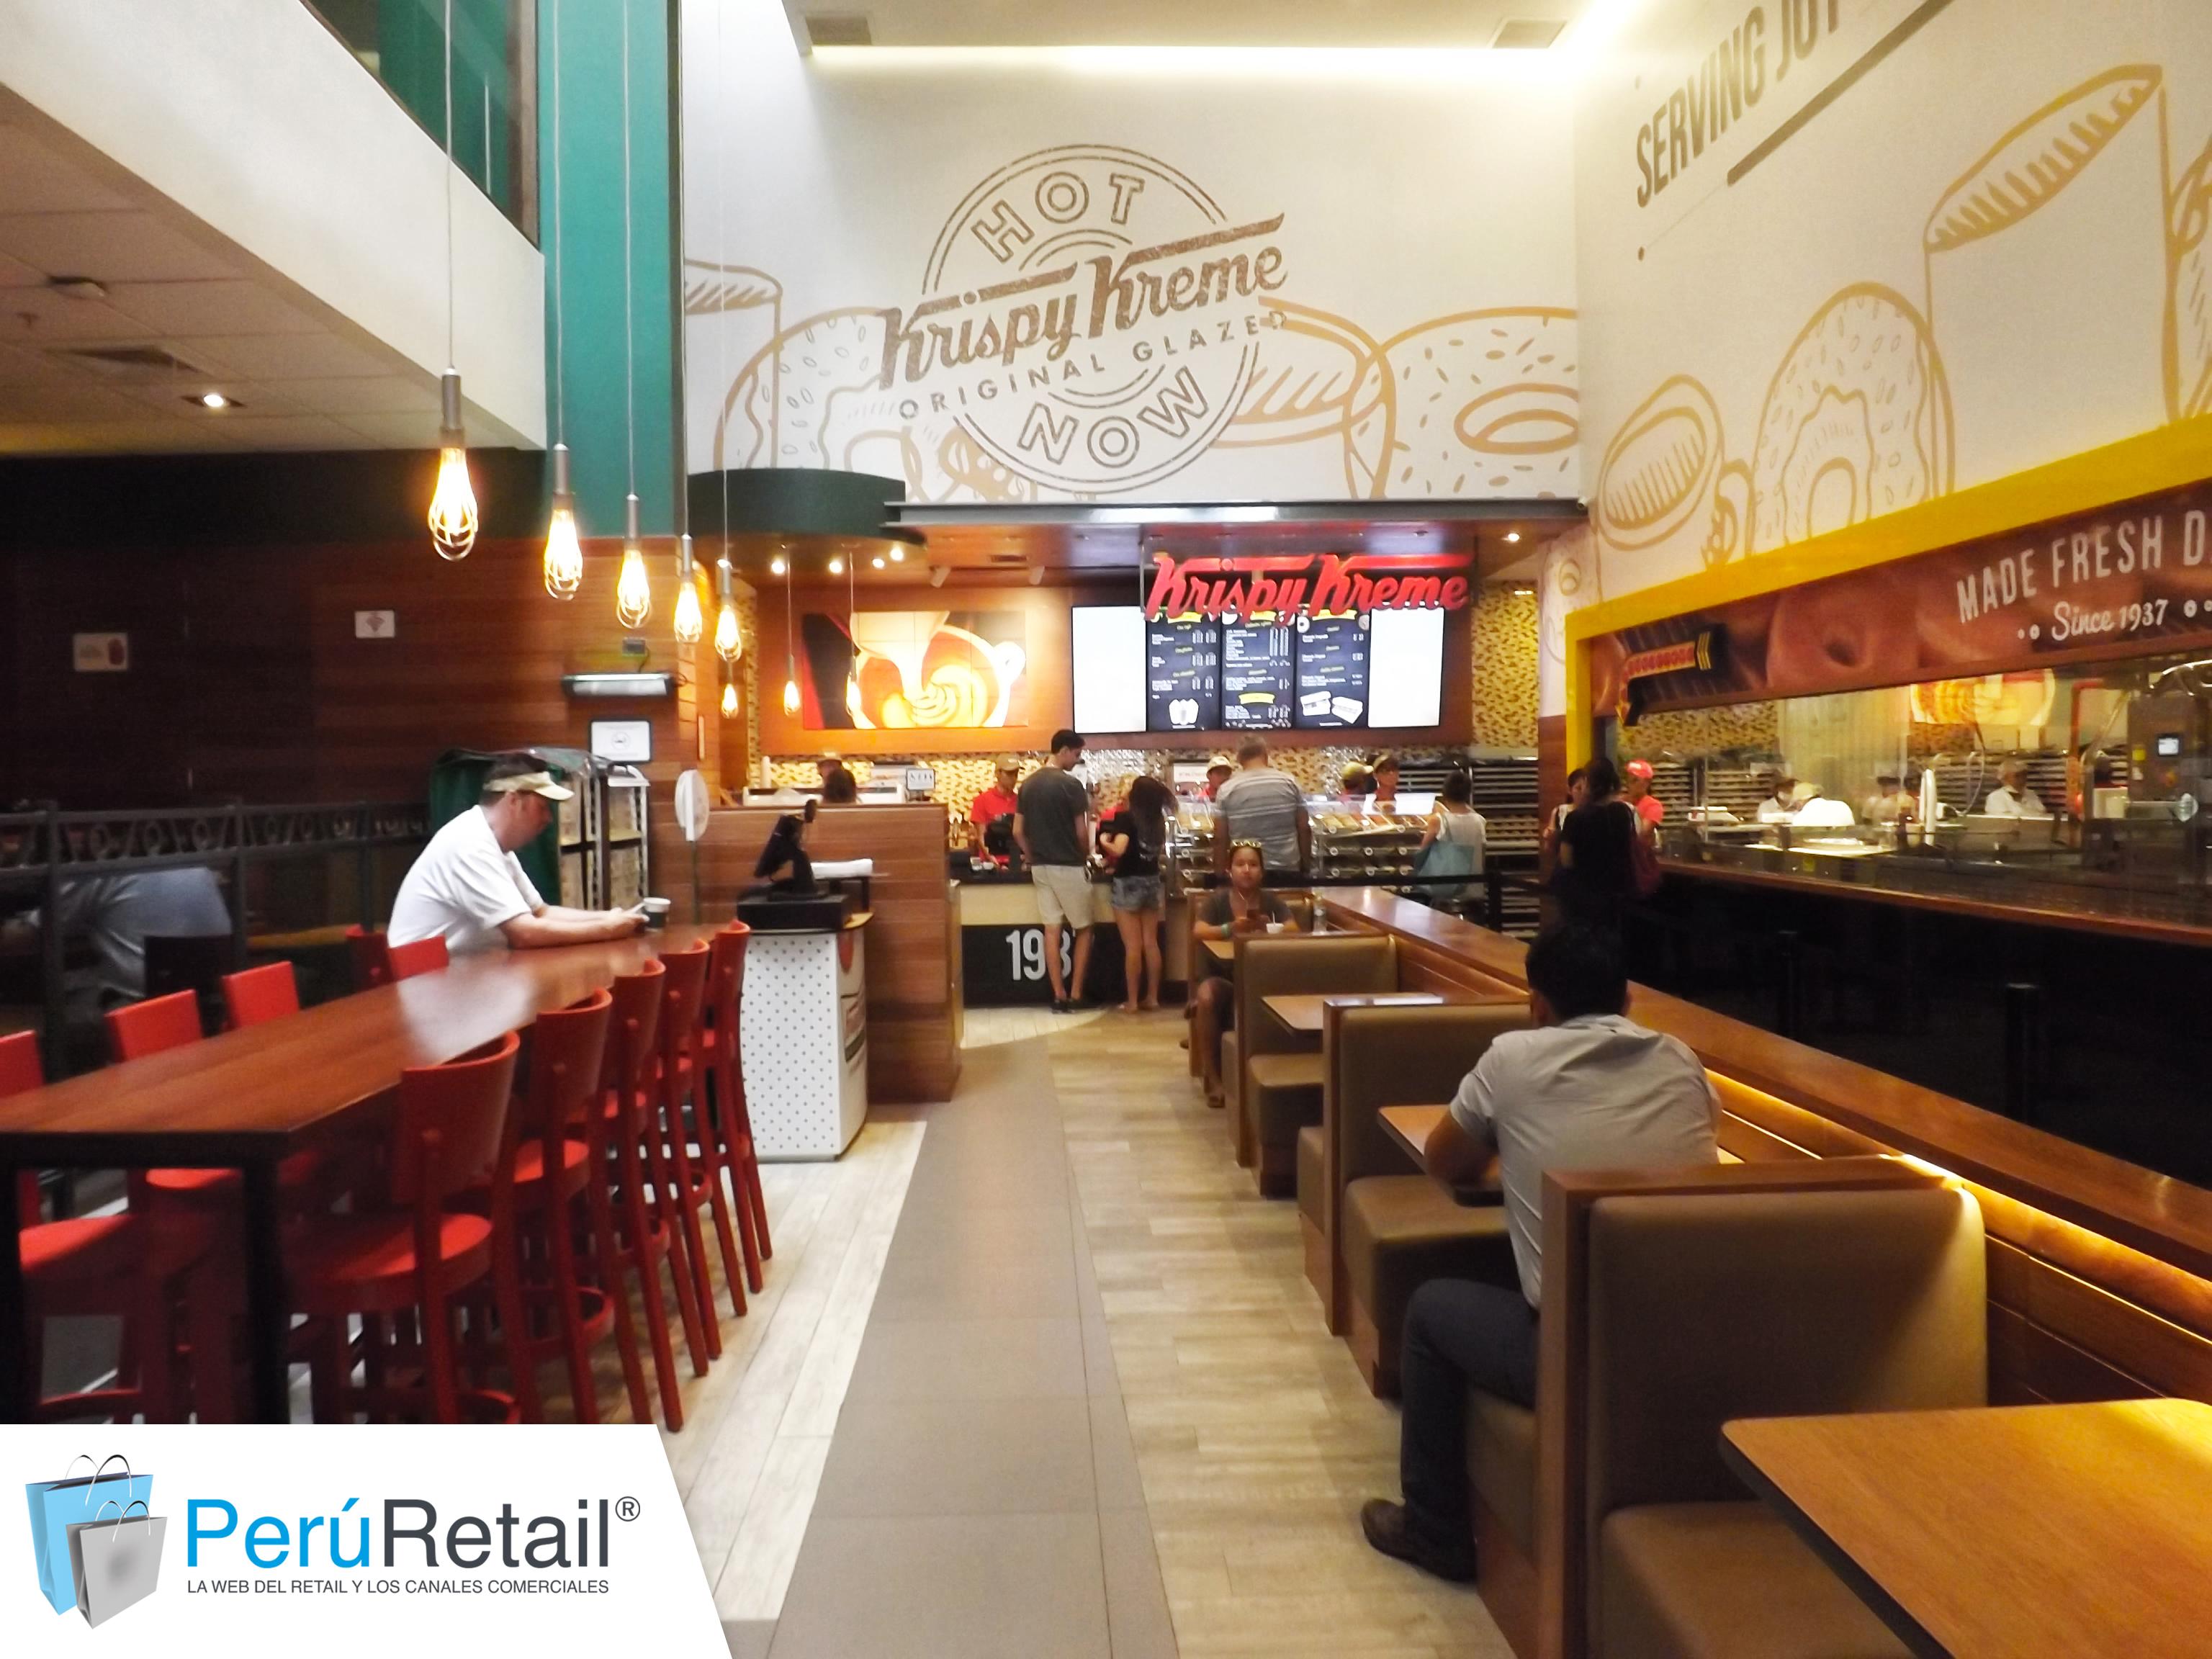 Krispy Kreme 0016 - Krispy Kreme podría llegar a Chile y competiría con Dunkin' Donuts